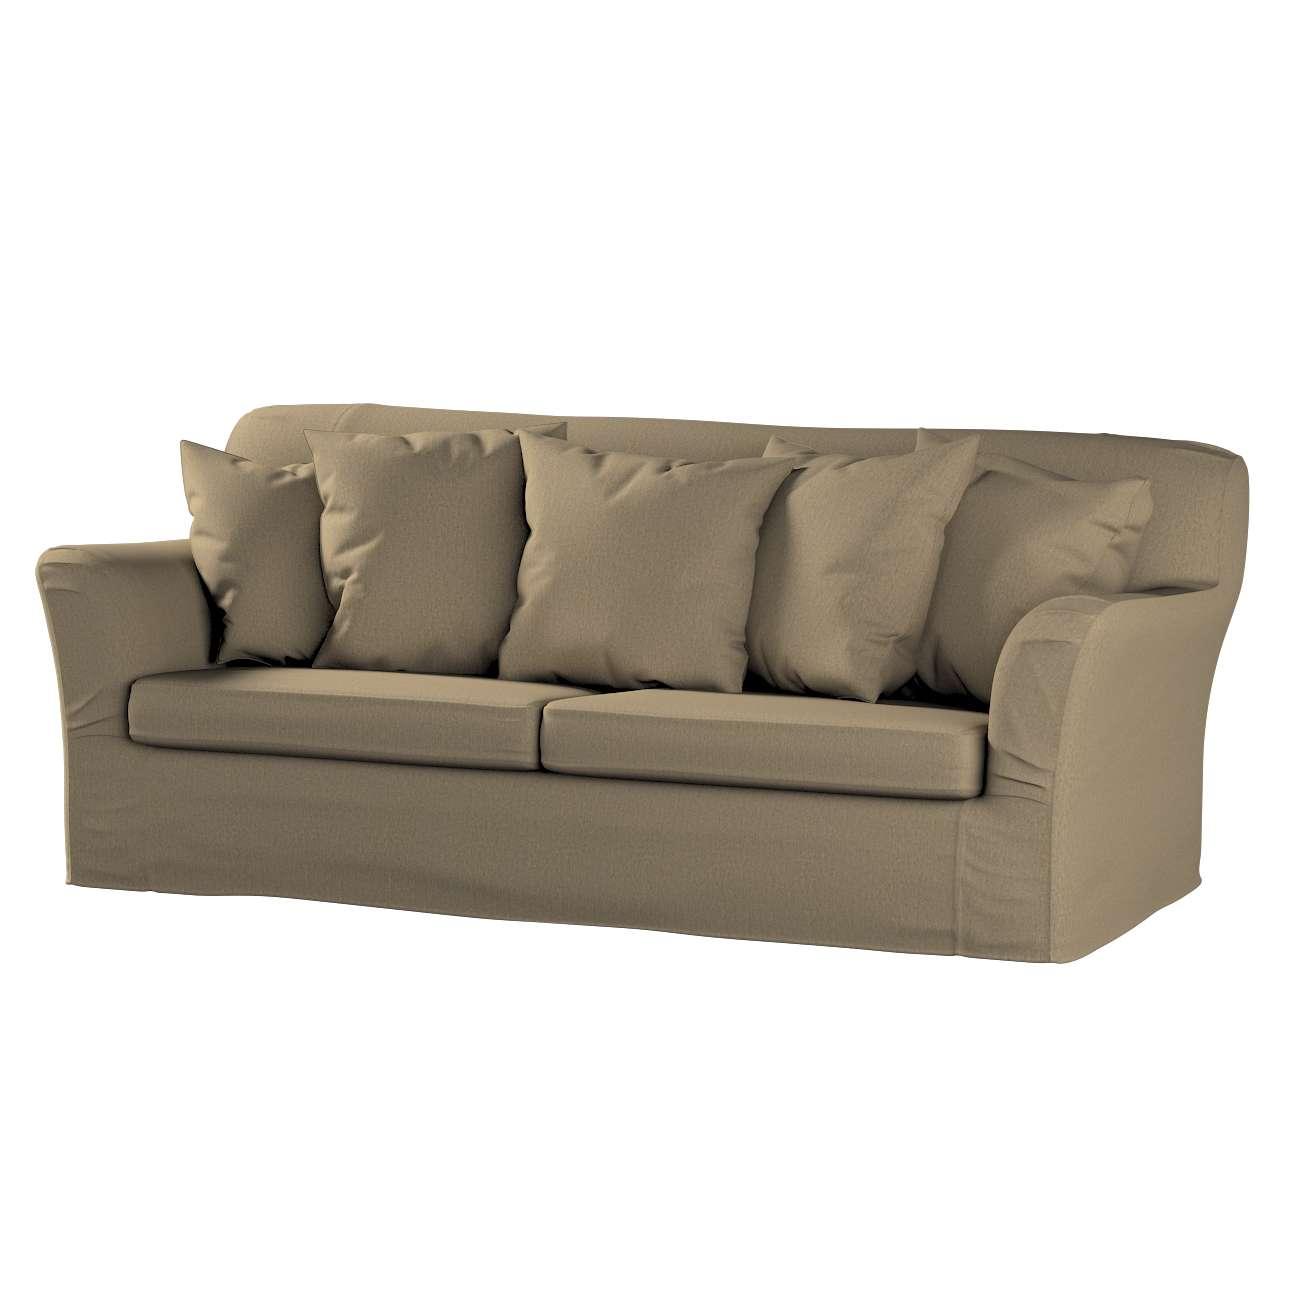 Pokrowiec na sofę Tomelilla rozkładaną Sofa Tomelilla rozkładana w kolekcji Chenille, tkanina: 702-21